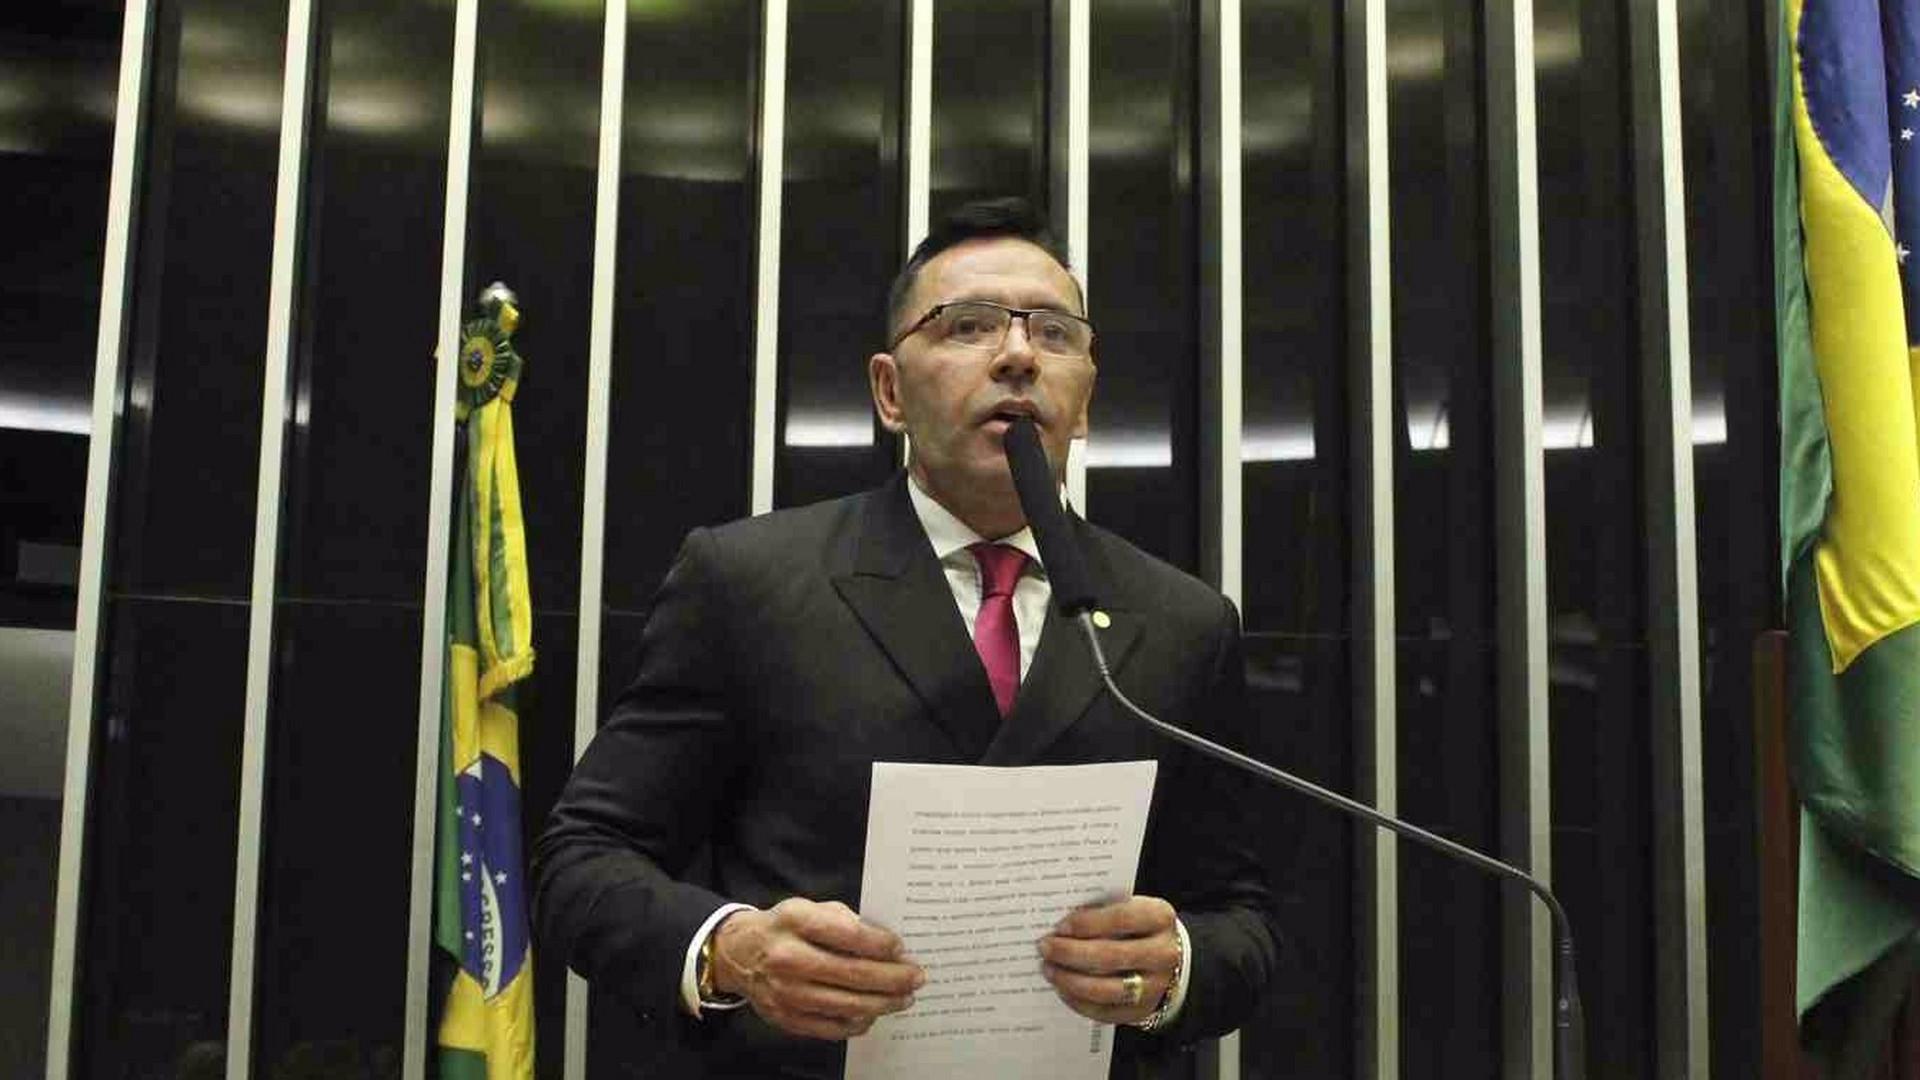 DEPUTADO SABINO CASTELO BRANCO É TRANSFERIDO PARA SÃO PAULO - Alô Amazonas - 15/08/17